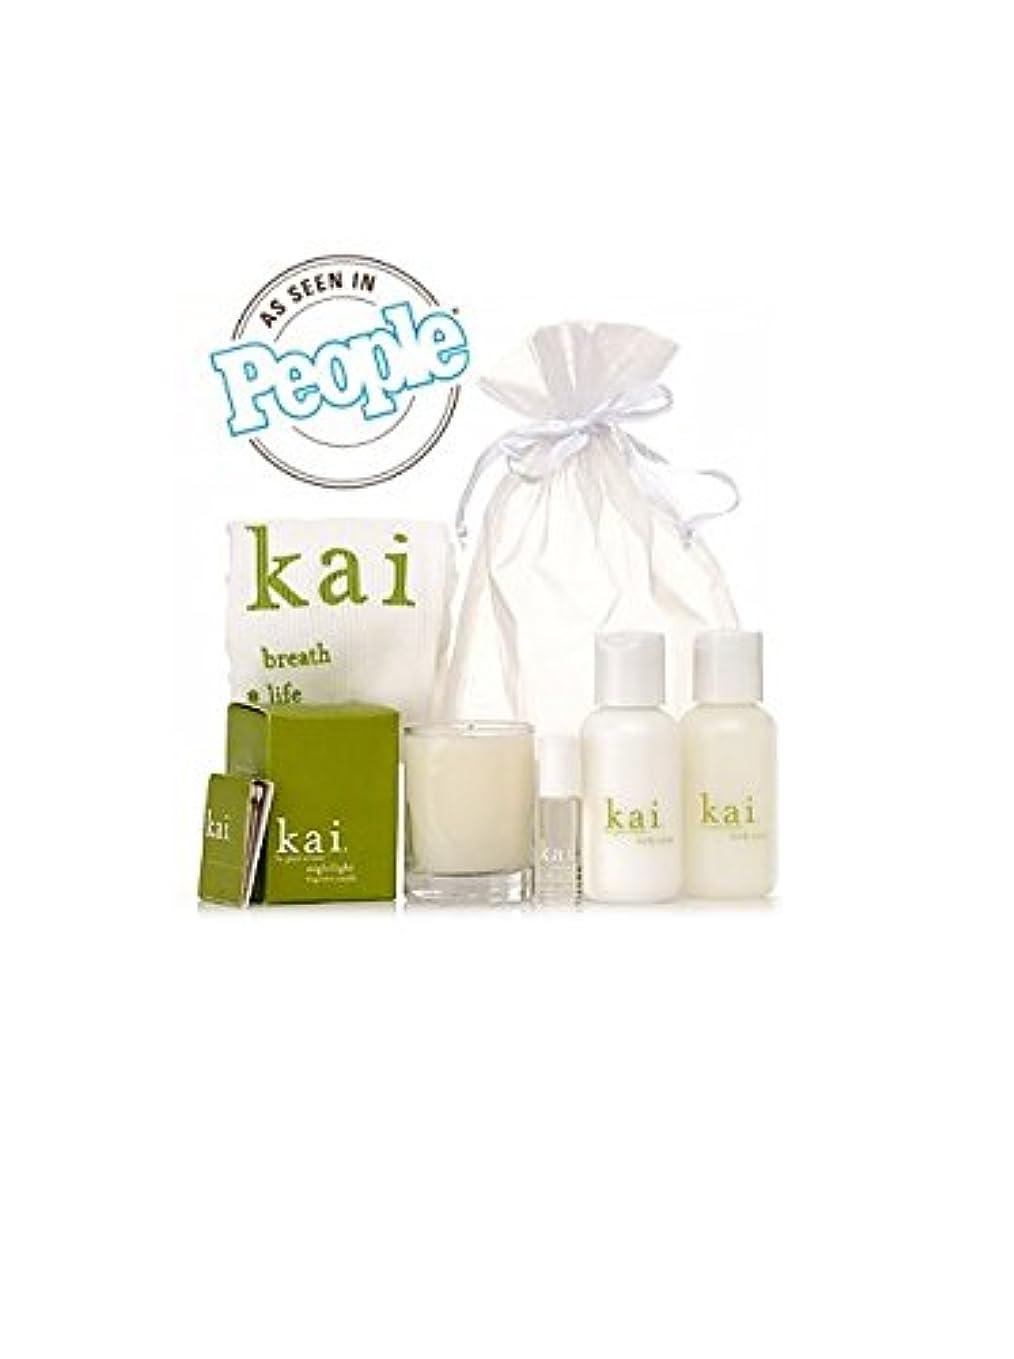 距離操作可能学習者Kai gift bag (カイ ギフトバッグ) for Women